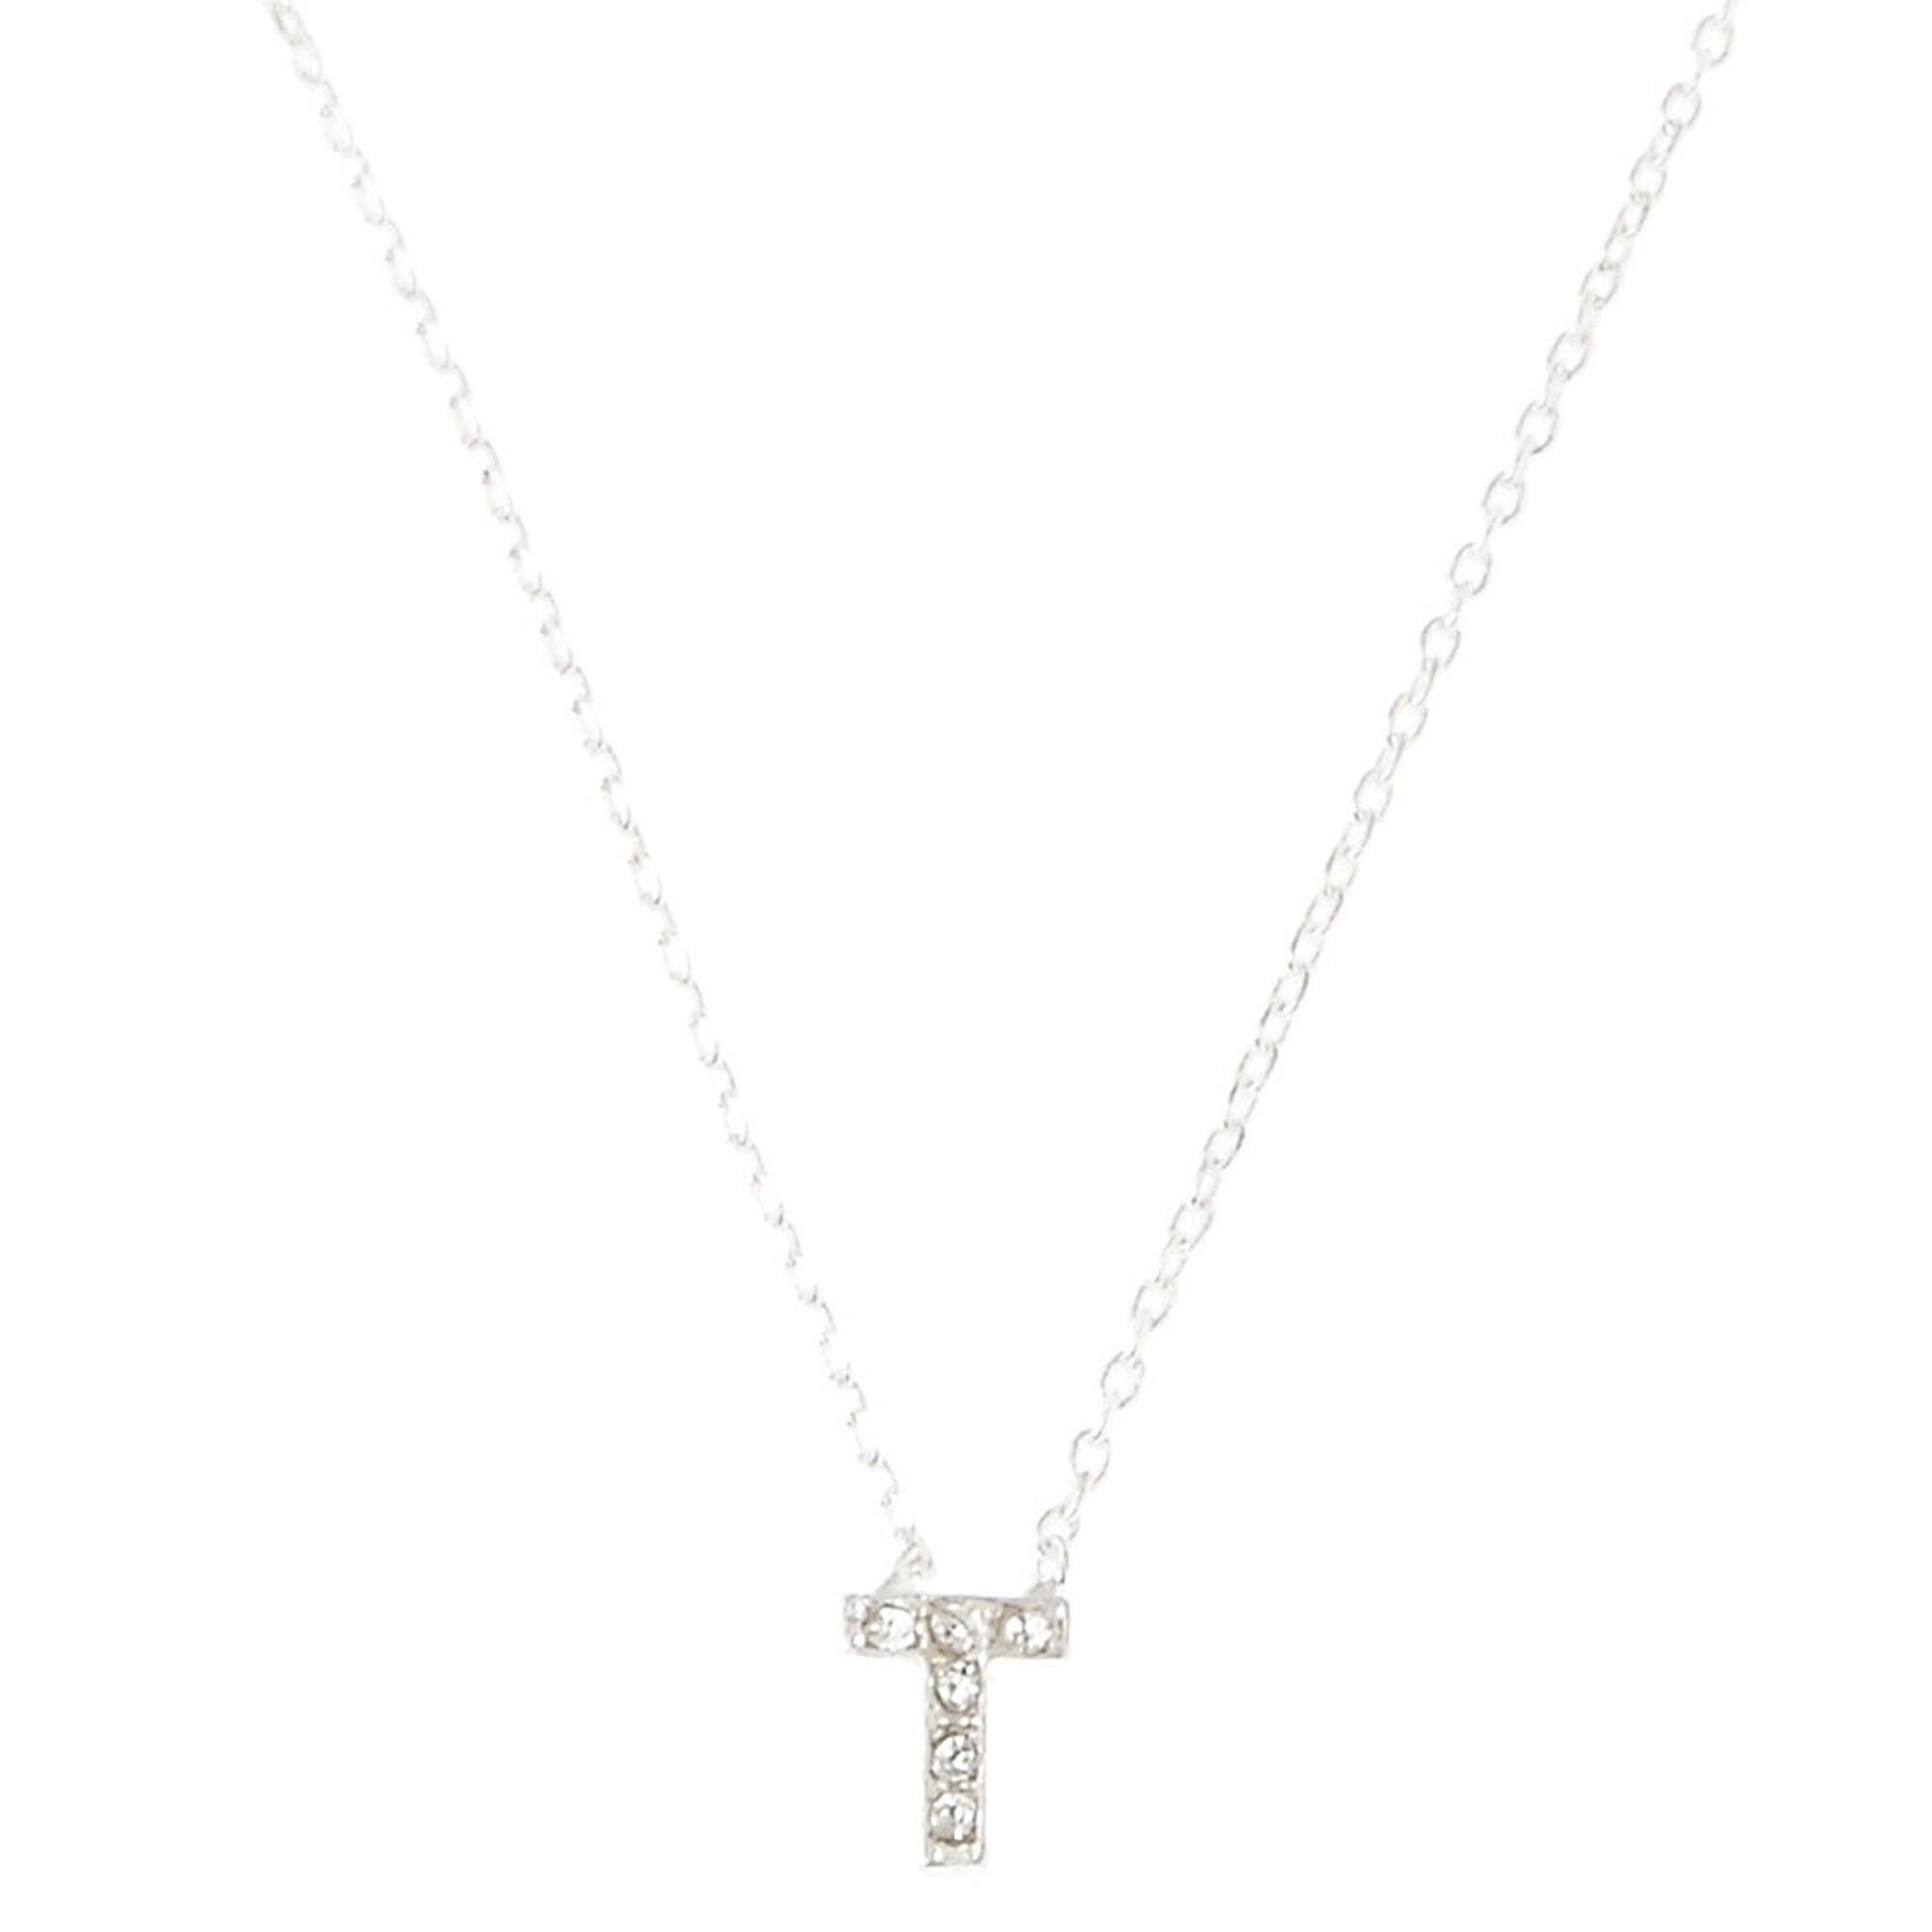 T pendant necklace claires t pendant necklace aloadofball Images